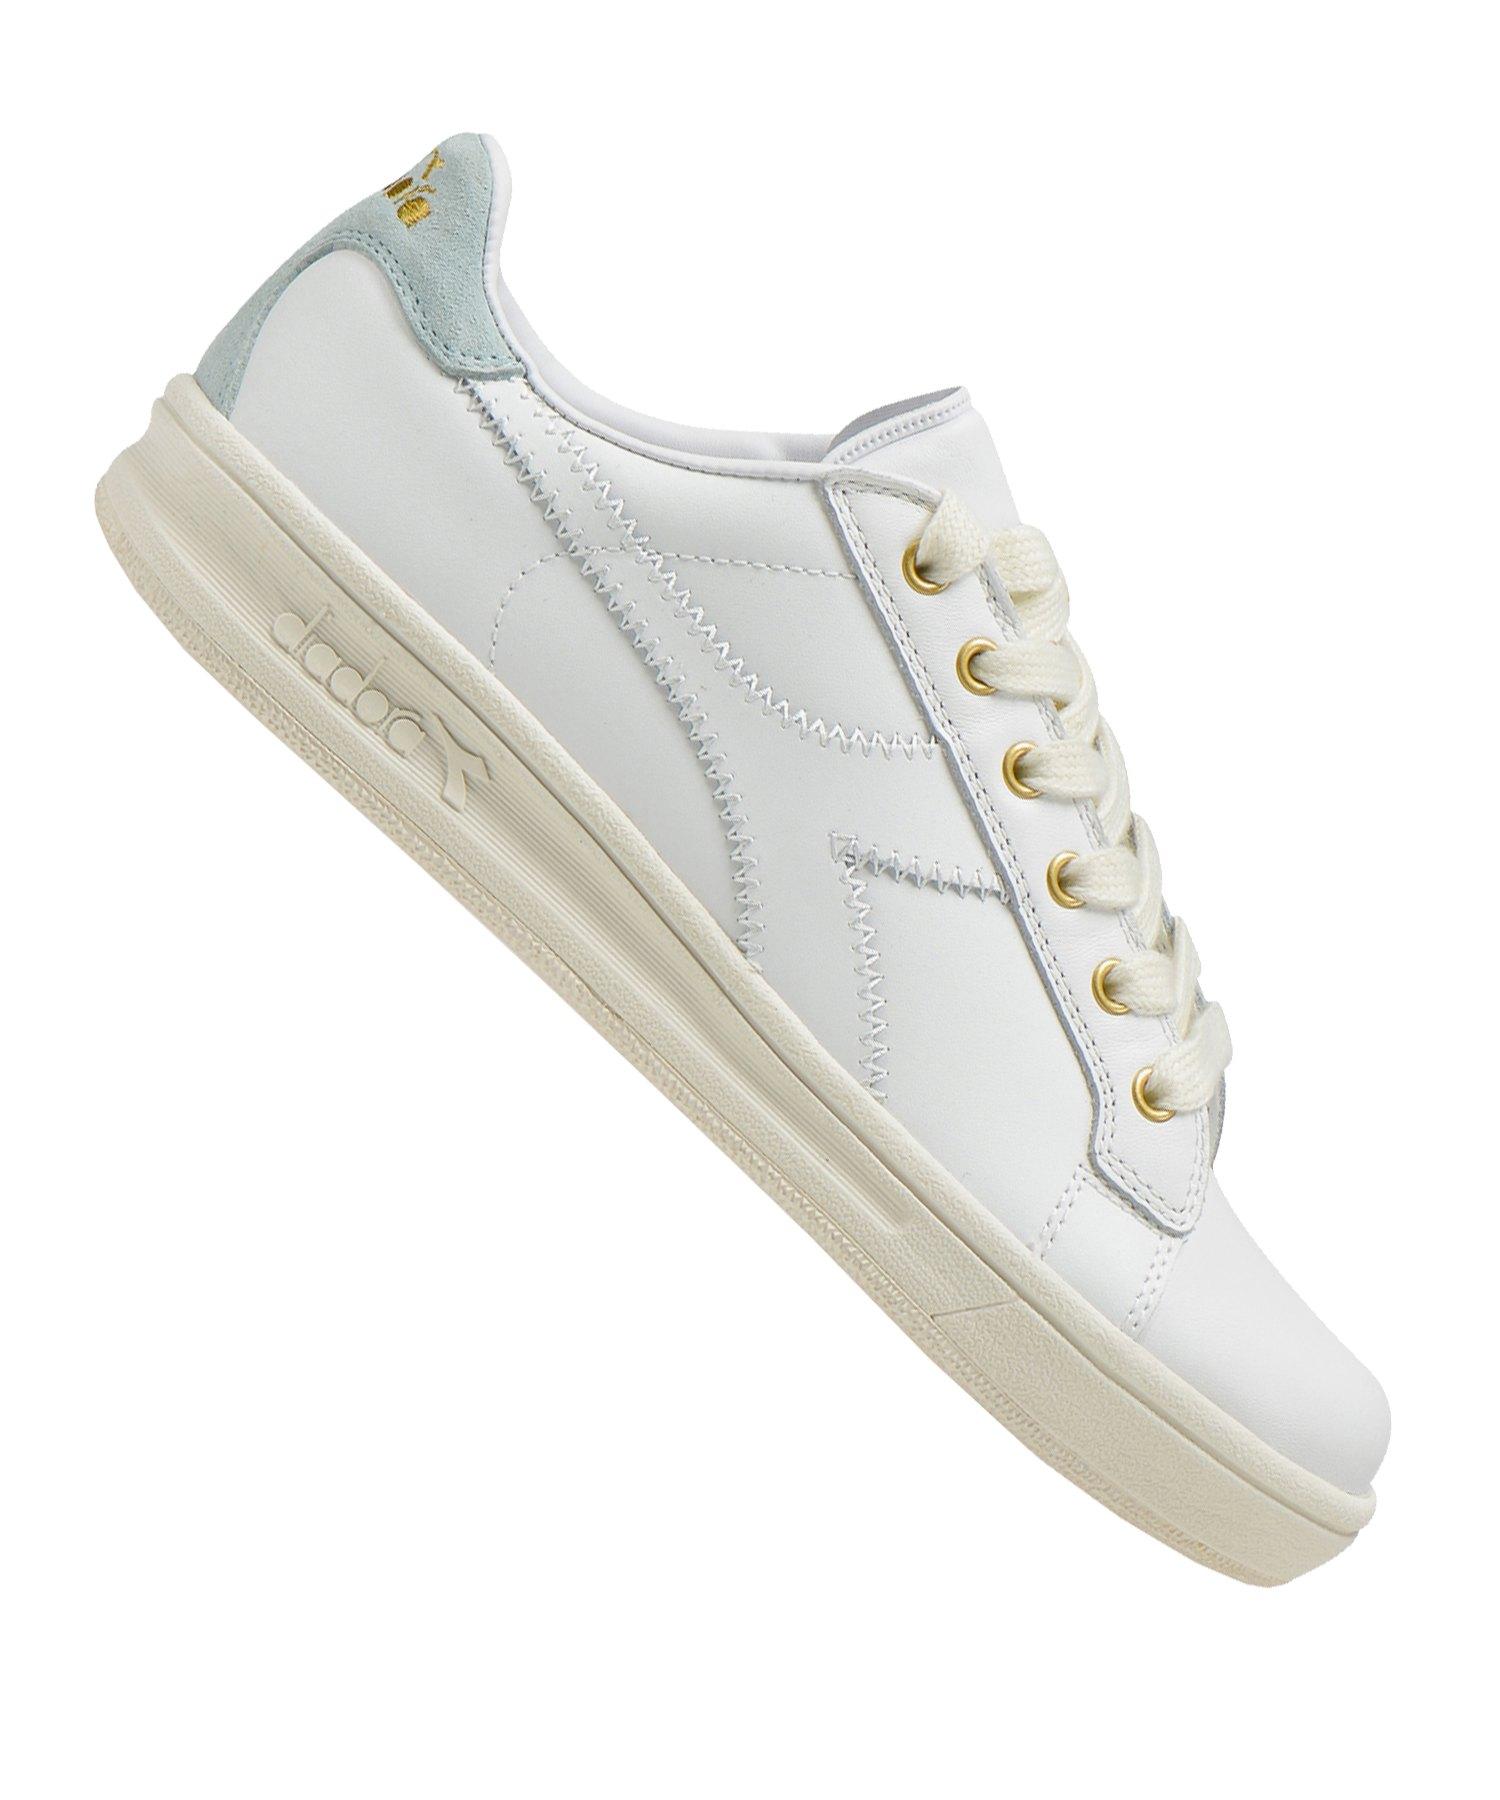 Diadora Martin Sneaker Damen Weiss C8008 - weiss